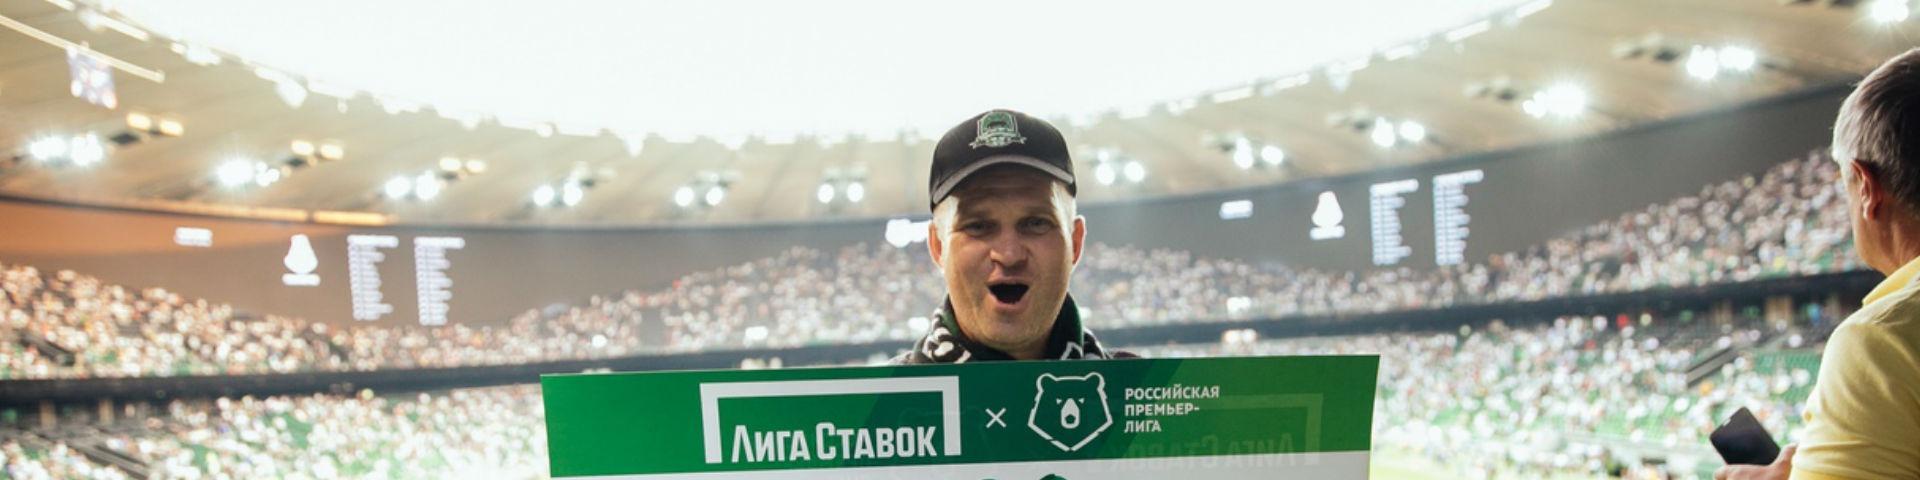 БК «Лига Ставок»: 200 000 рублей и кэшбэк